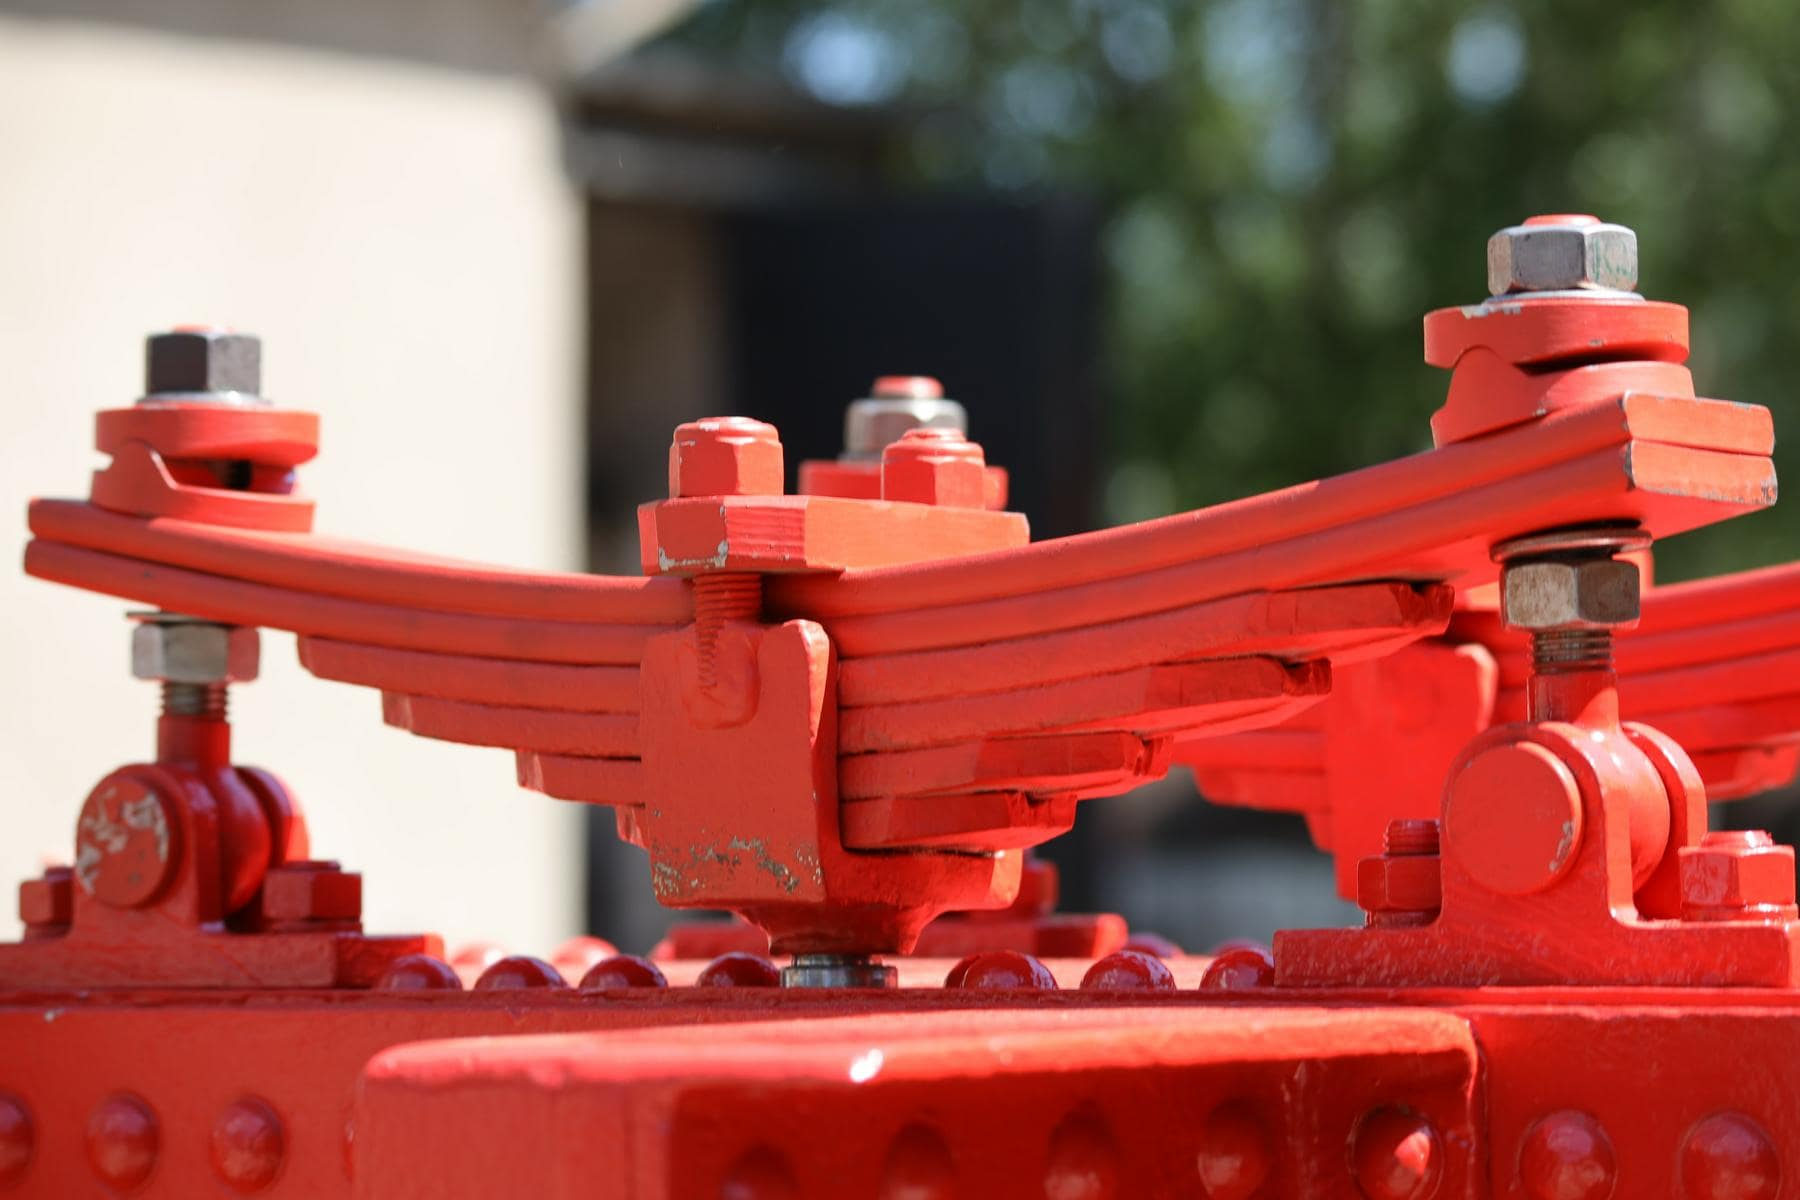 ©Foto: Christian Wodzinski | railmen | Blattfeder am aufgearbeiteten Rahmen einer Feldbahnlokomotive